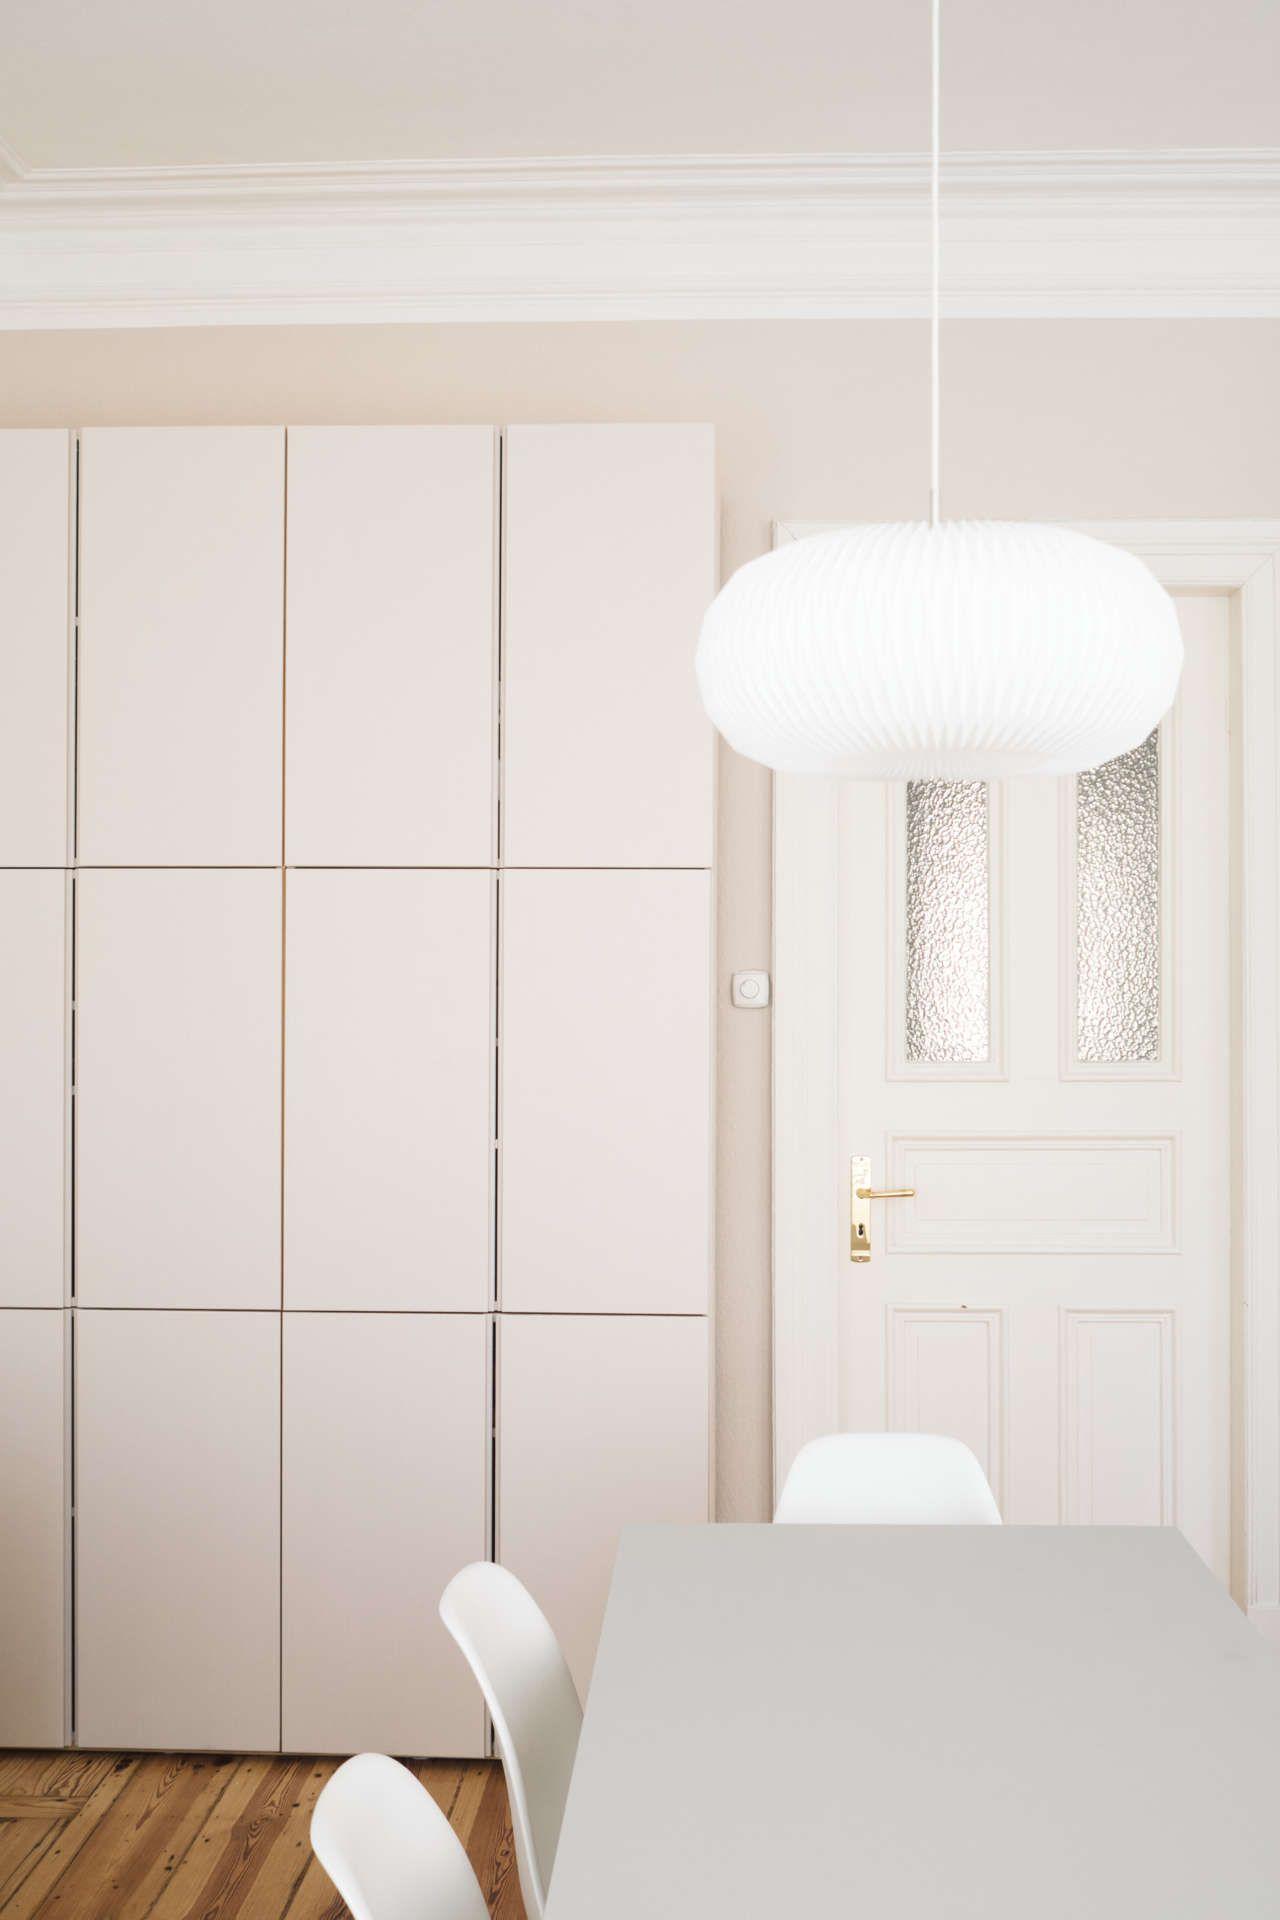 Diy Stauraumwunder Aus Ivar Mit Bildern Ikea Diy Ideen Zum